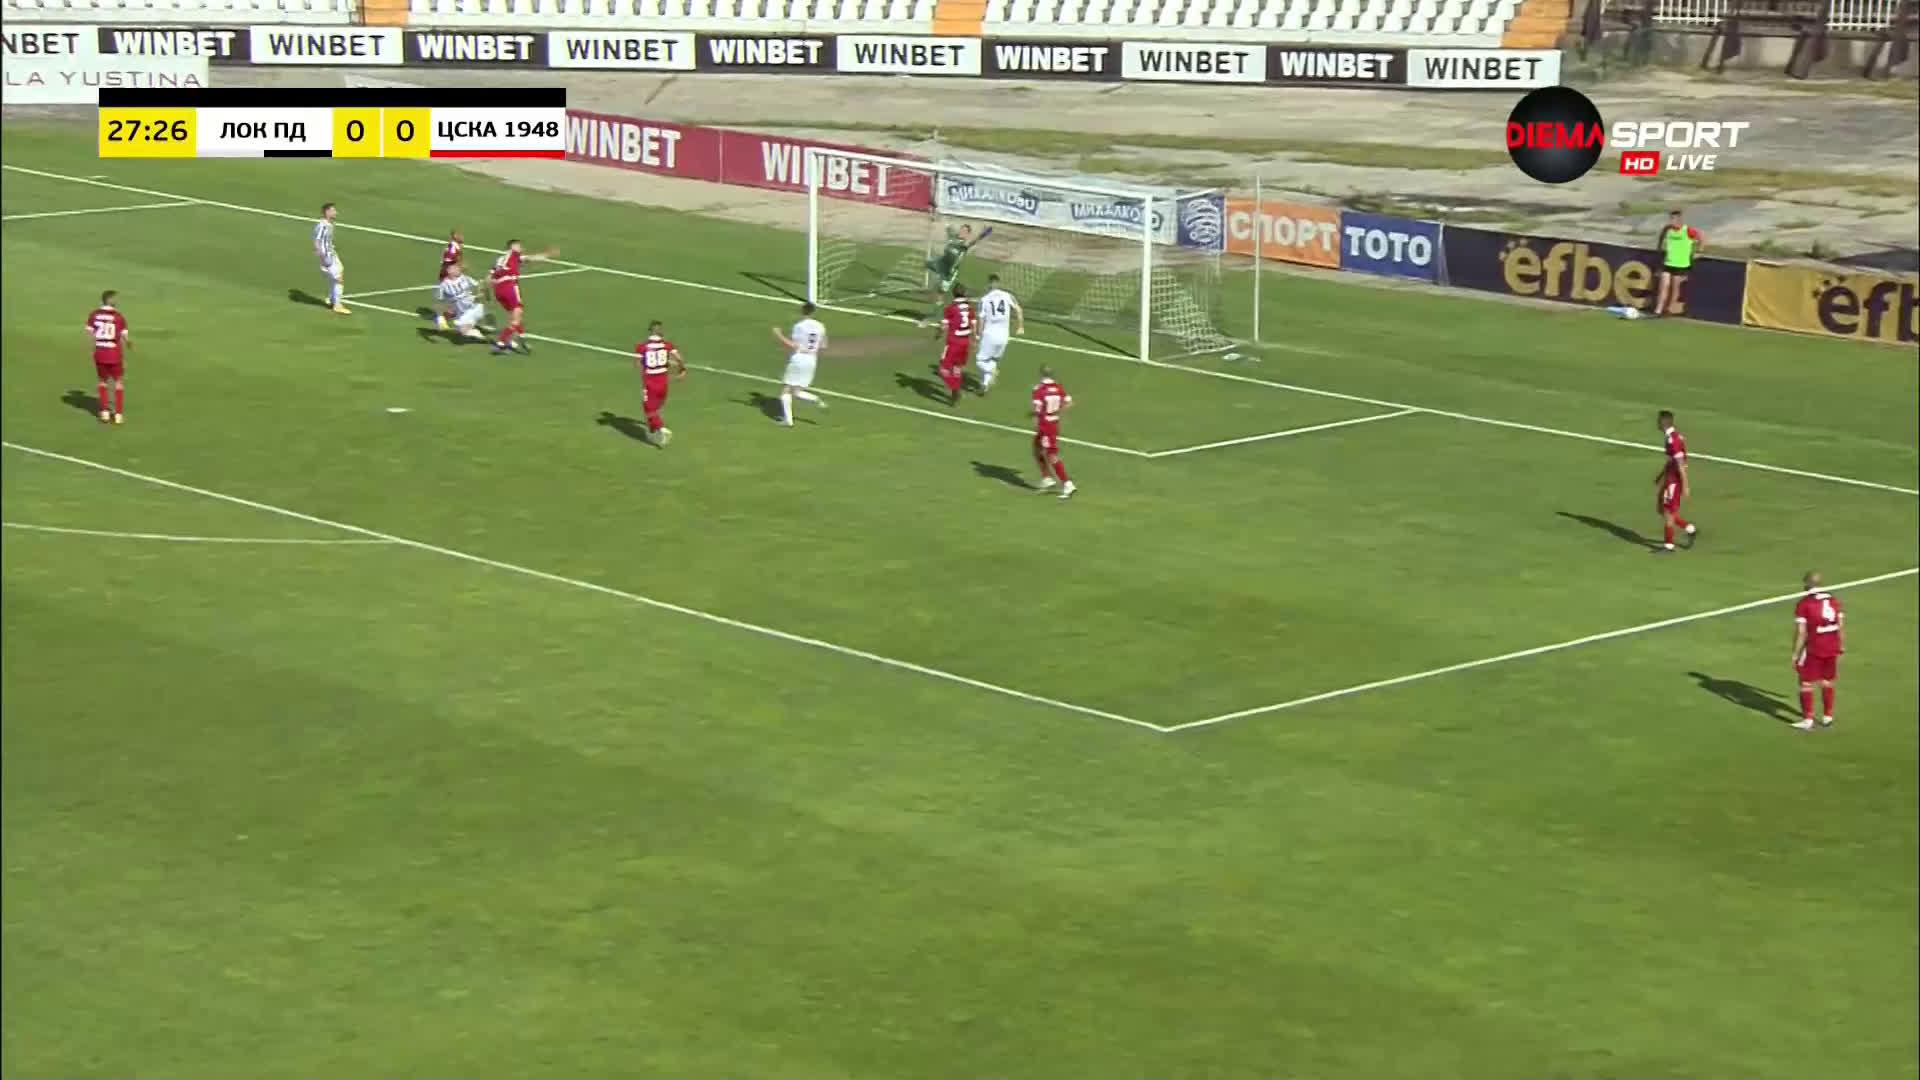 Локомотив Пловдив - ЦСКА 1948 0:0 /репортаж/